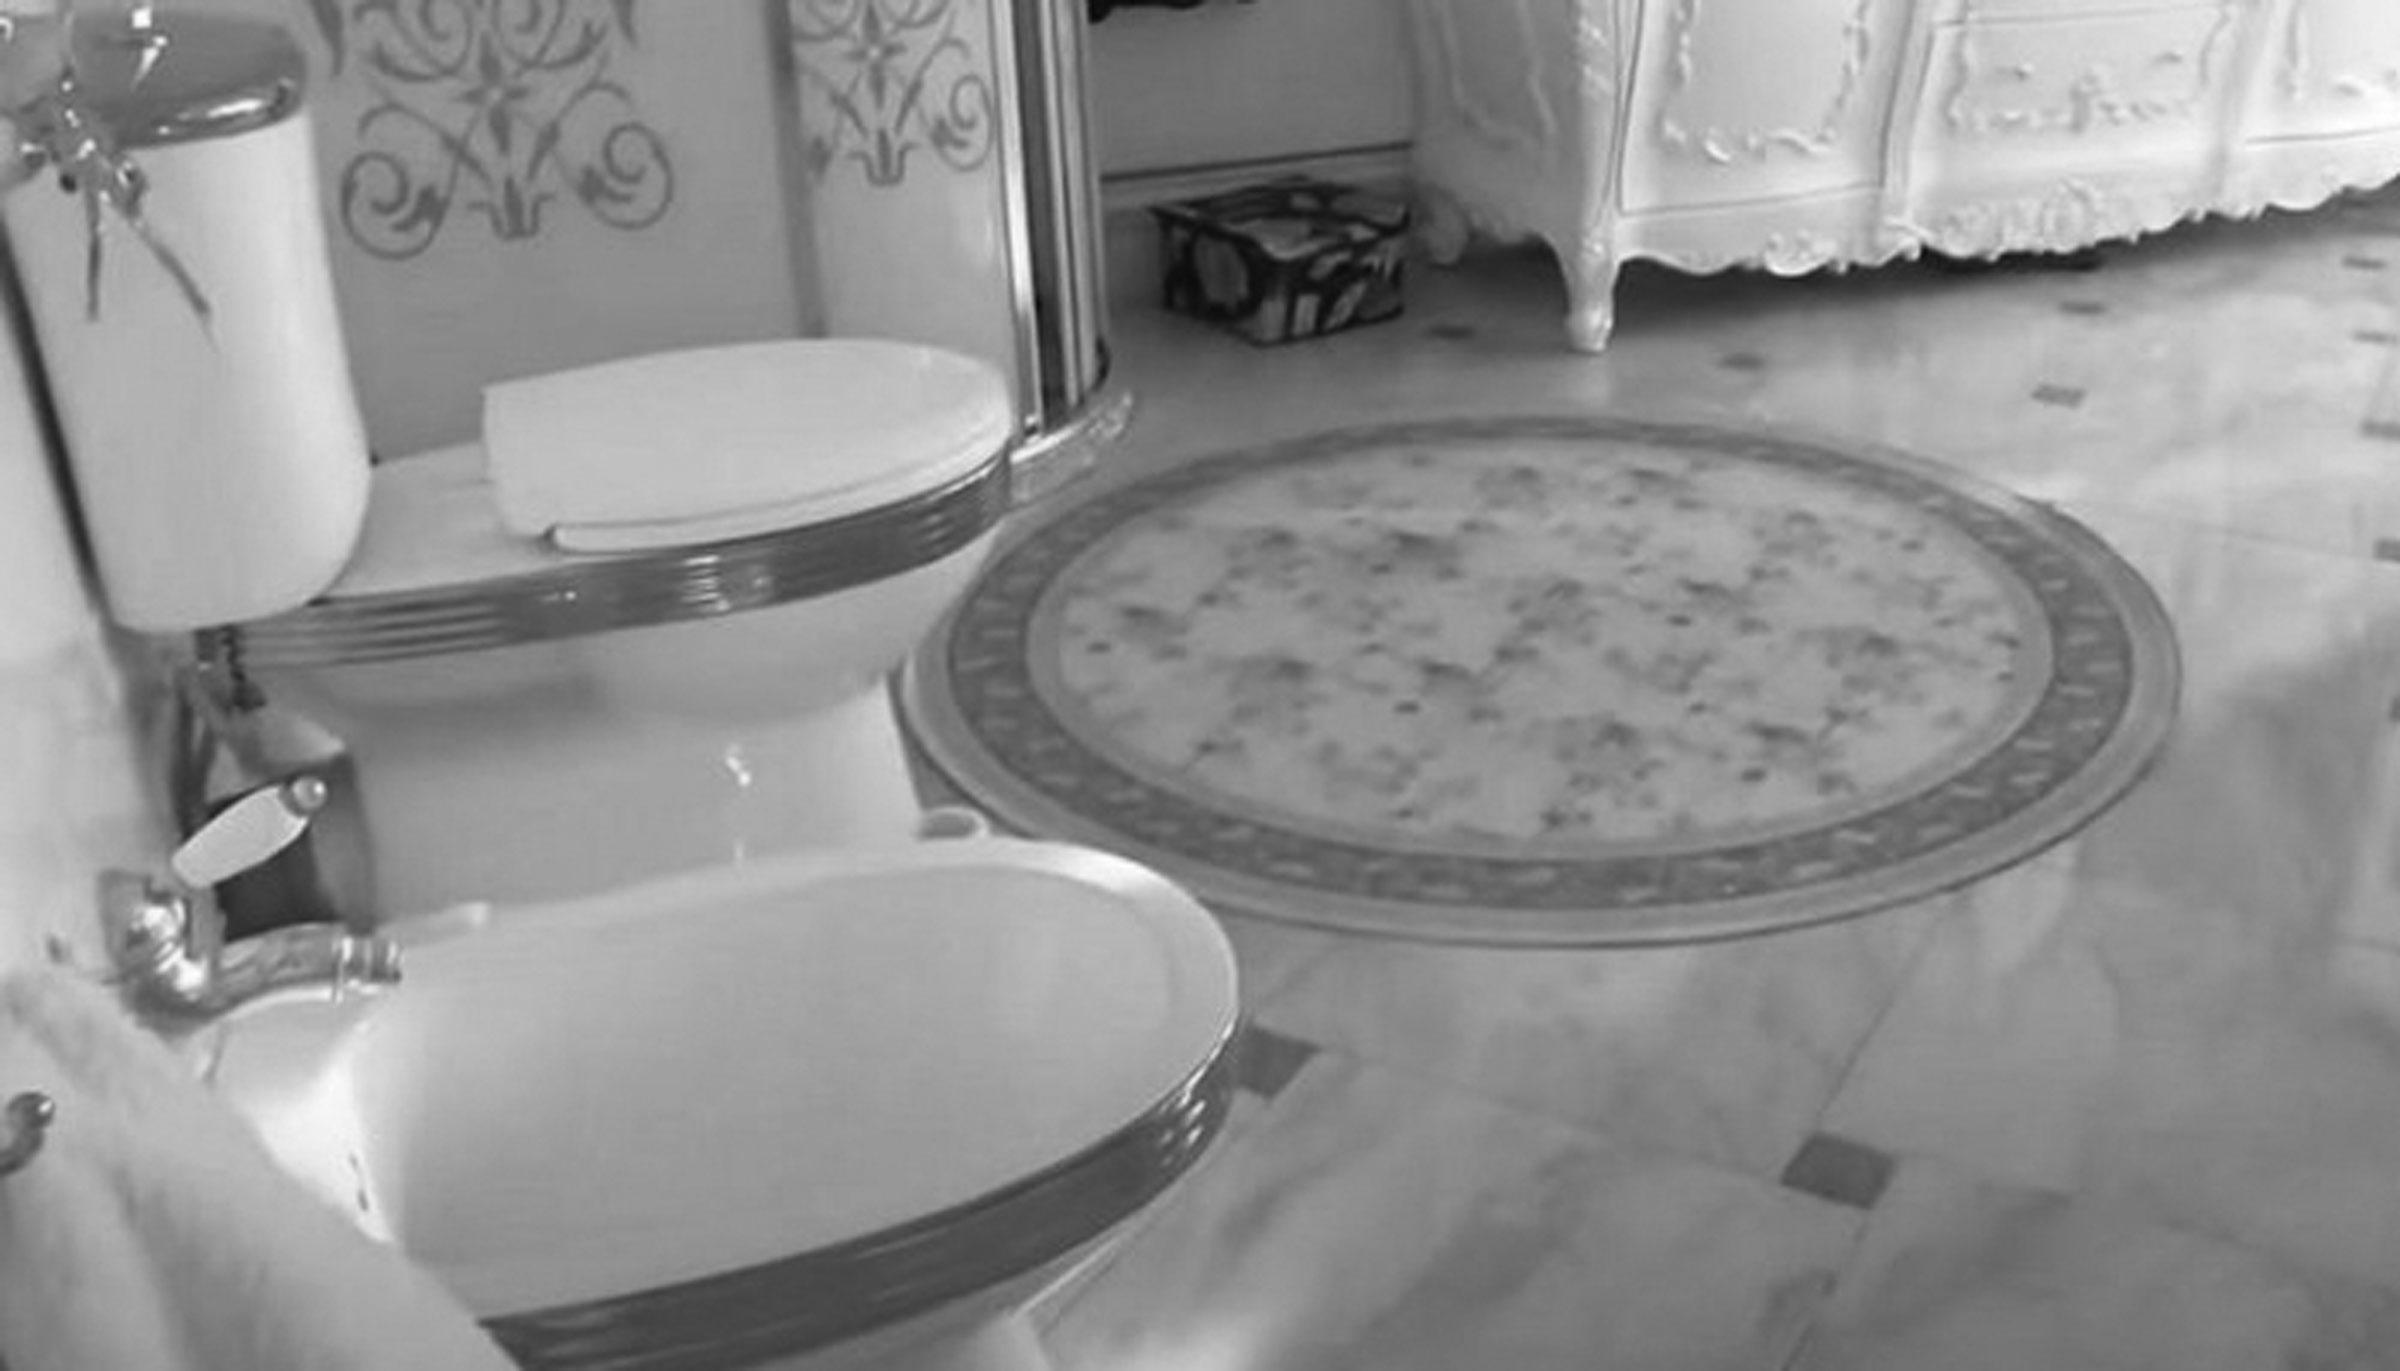 রাশিয়ায় দুর্নীতিগ্রস্ত ট্রাফিক পুলিশের বাসায় স্বর্ণের টয়লেট